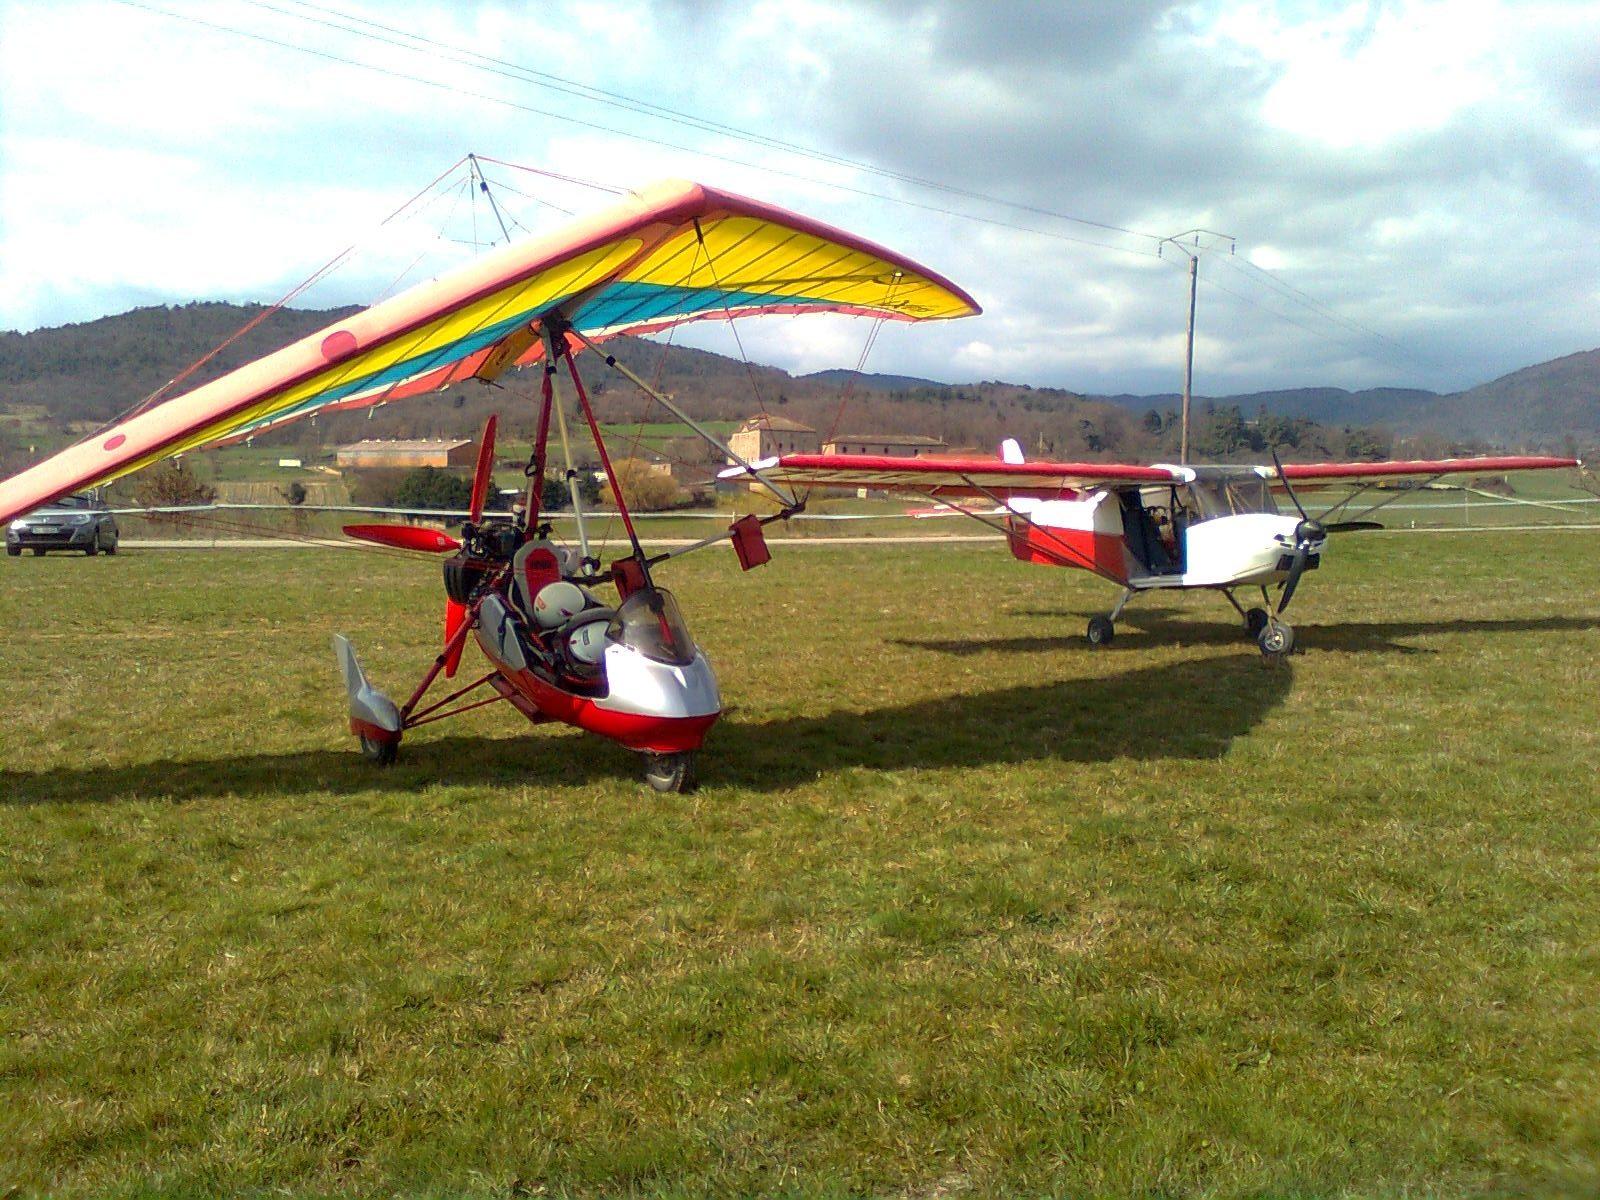 Photographie d'un appareil ULM pendulaire garé à côté d'un appareil ULM multiaxe sur la piste de Deyras lors de la journée des femmes de l'air.